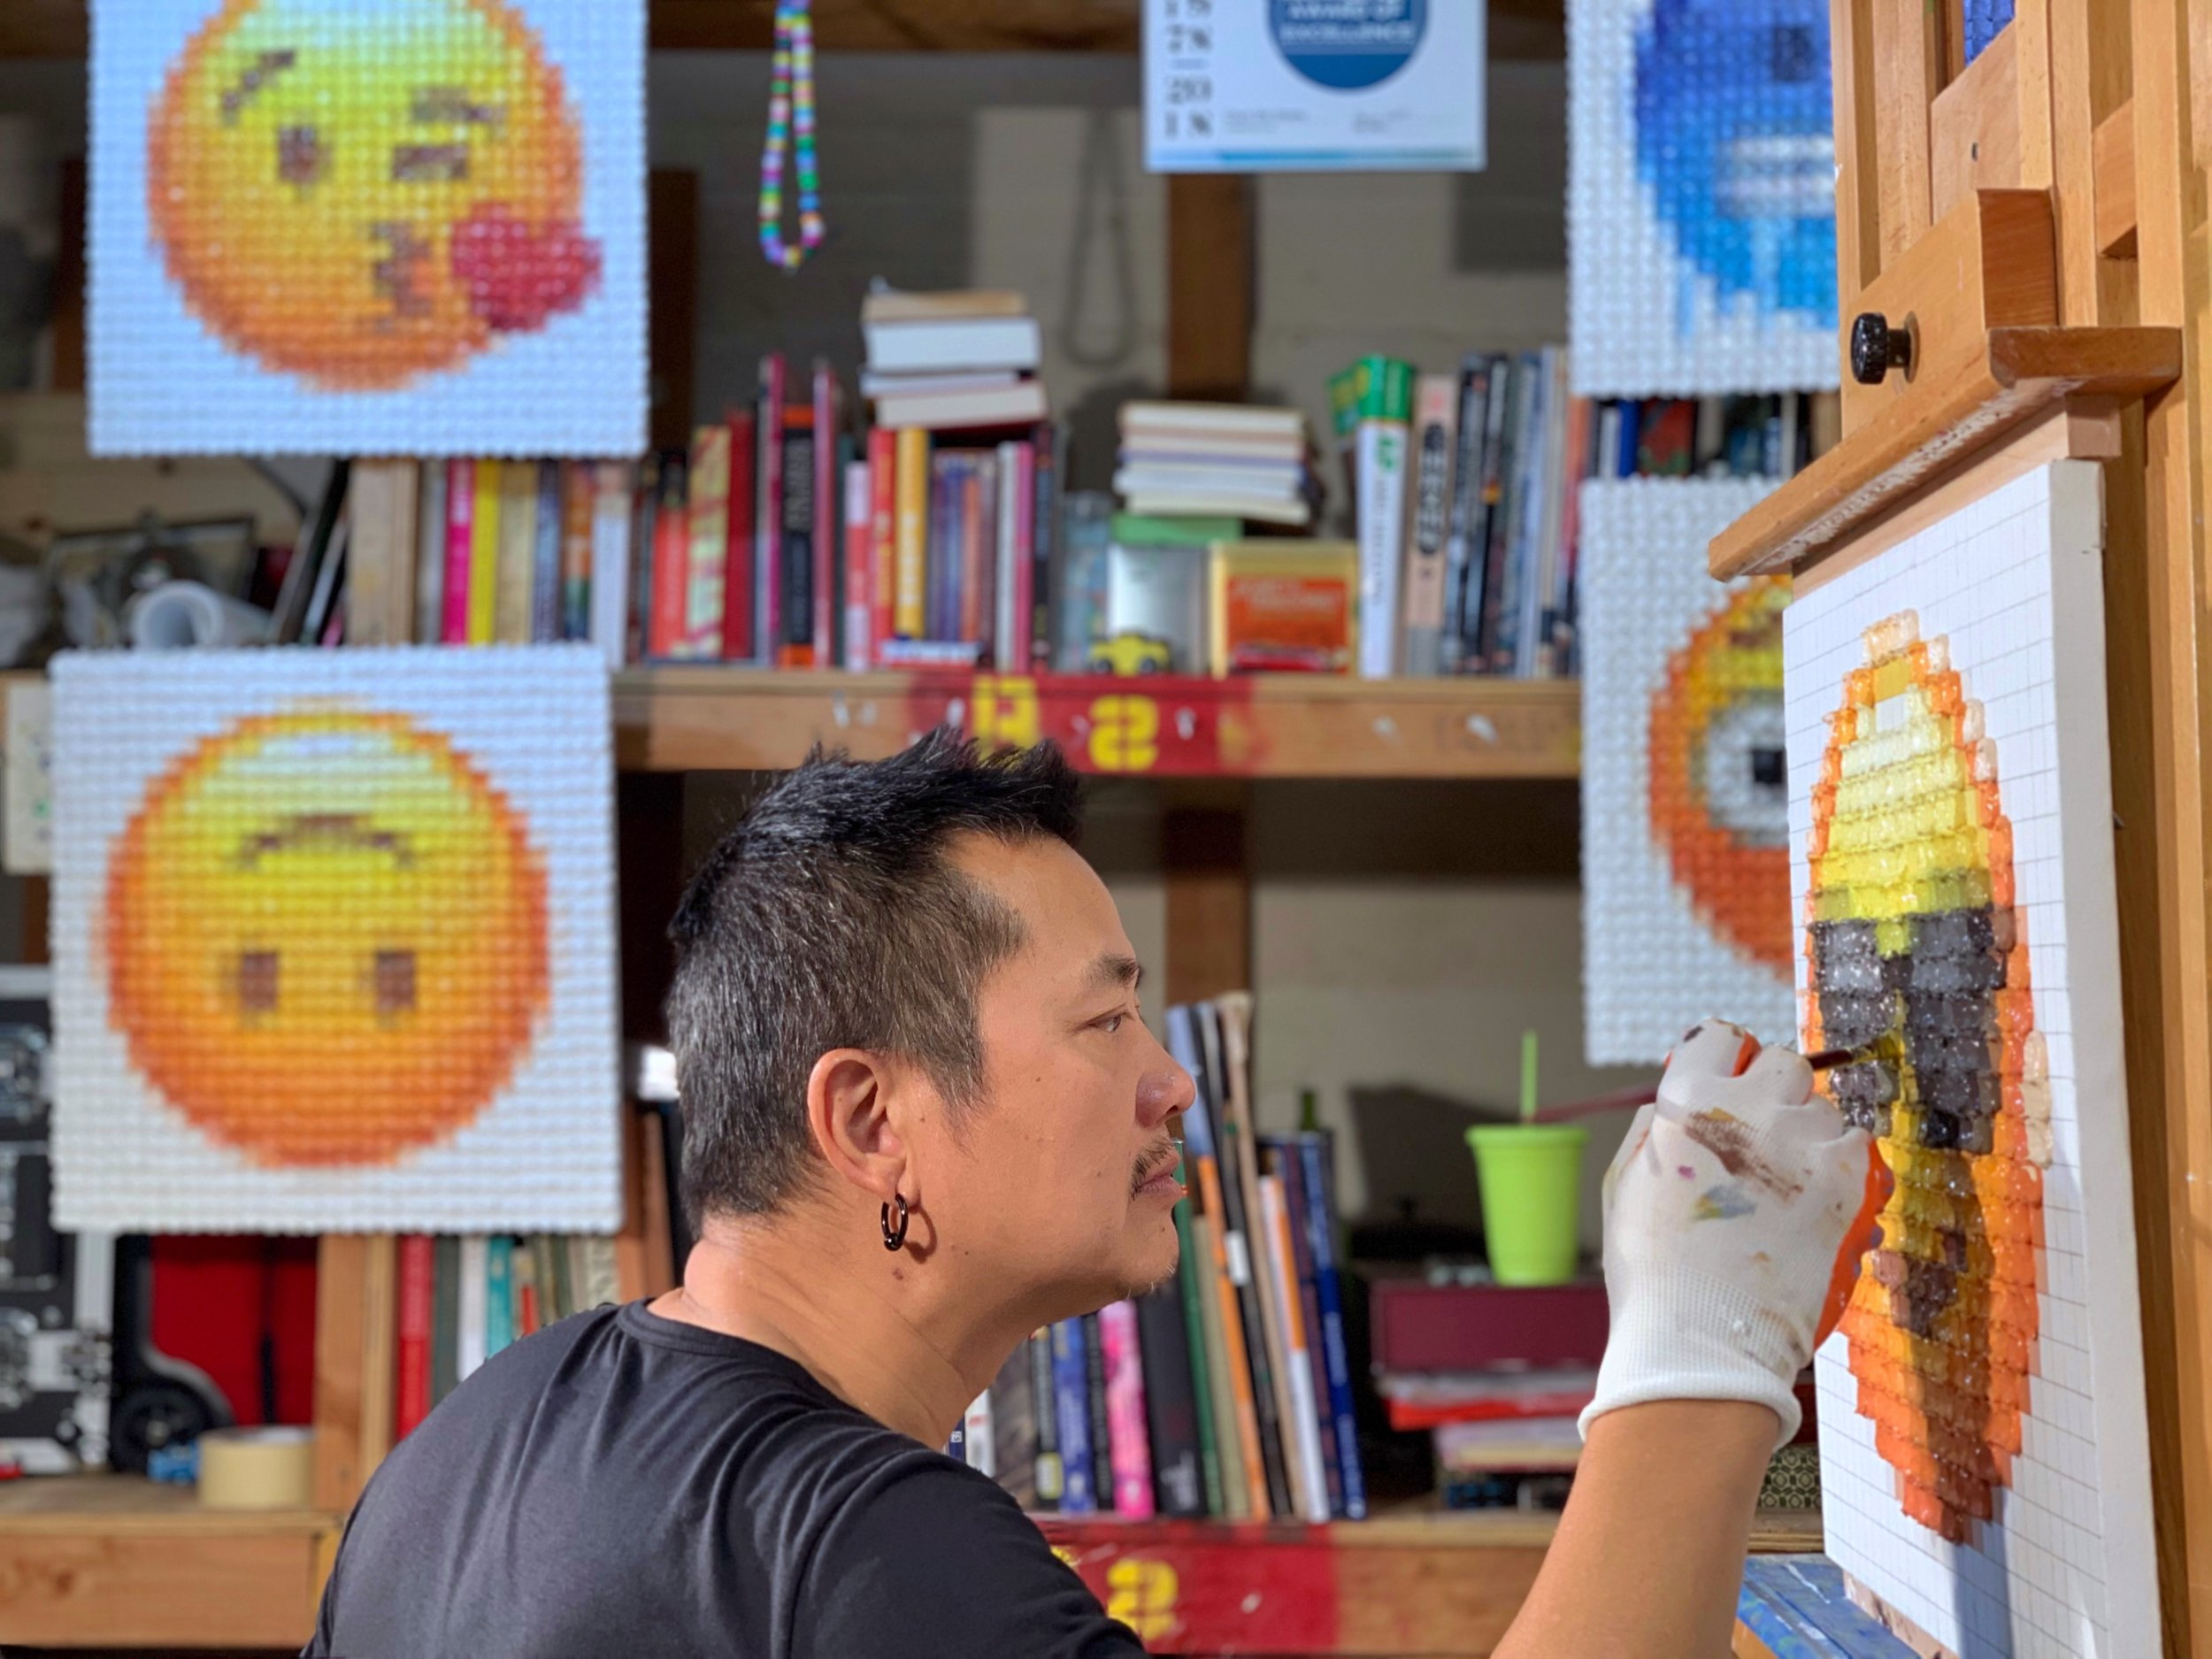 Working on emoji series in 2018